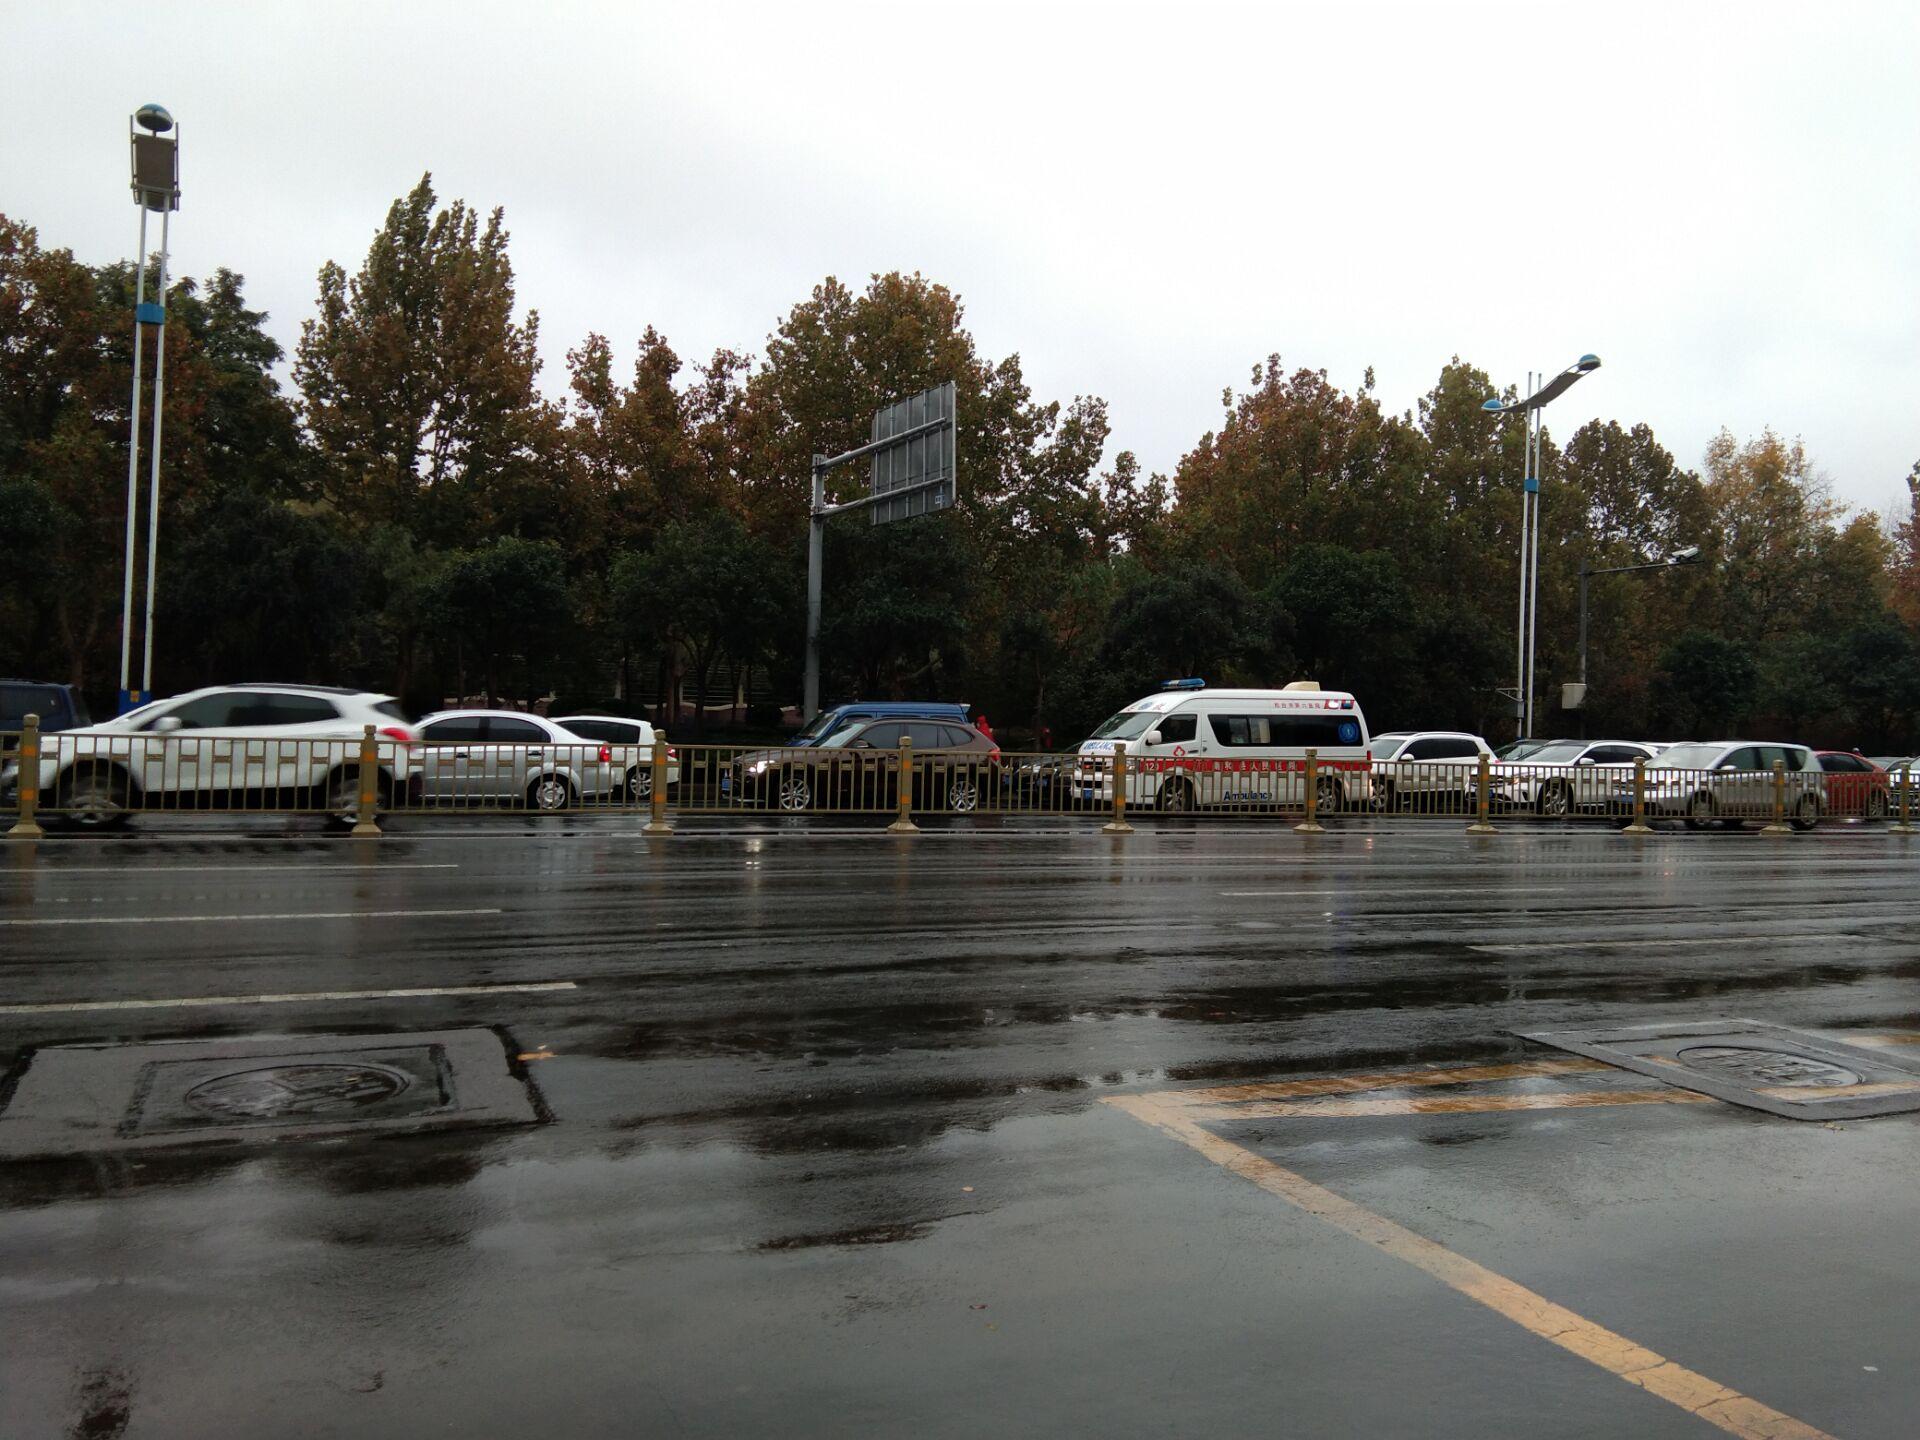 海丽气象吧丨山东:降雨导致道路变堵 烟台栖霞发布大雾预警